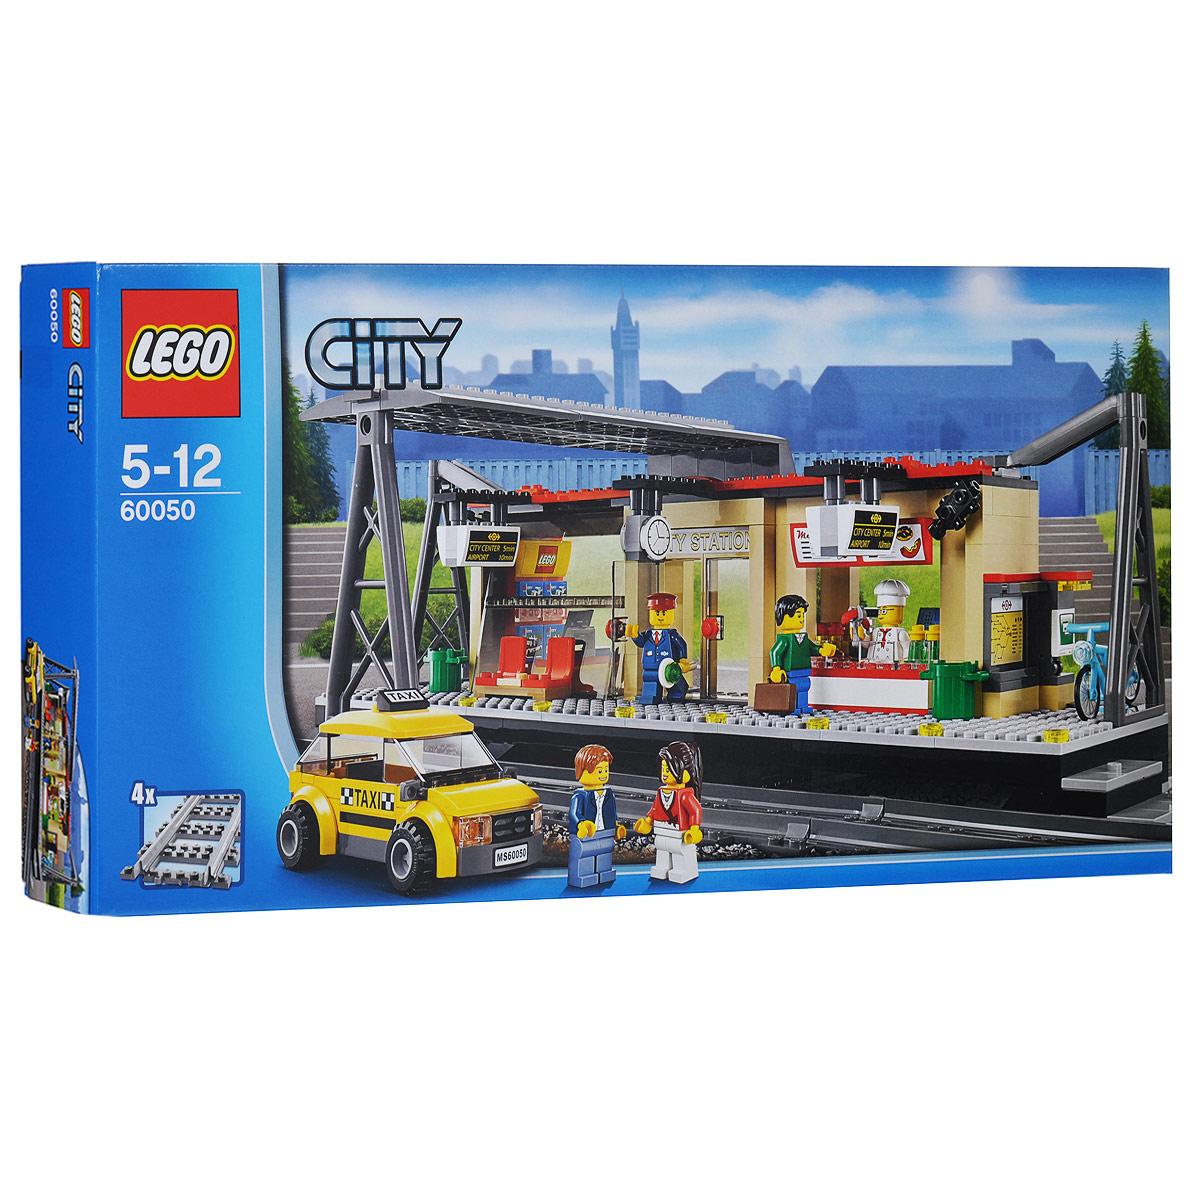 LEGO City Конструктор Железнодорожная станция 6005060050Возьми такси до оживленной железнодорожной станции LEGO City - места, которое никогда не спит! По прибытии поднимайся по ступенькам и проходи через открывающиеся двери. Сверься со временем на больших часах, которые висят на крыше, и расписанием движения поездов возле банкомата. Пока еще есть время до поезда, пройдись по магазинам, в которых продается продукция LEGO City. Проголодался? Отправляйся в киоск и закажи круассан или пиццу и напиток из меню, висящего над кассой. Присядь на чистом перроне, перекуси и отдохни. Набор включает в себя 423 разноцветных пластиковых элемента конструктора, в том числе минифигурки в виде проводника, шеф-повара, водителя такси и двух путешественников. Конструктор - это один из самых увлекательнейших и веселых способов времяпрепровождения. Ребенок сможет часами играть с конструктором, придумывая различные ситуации и истории. В процессе игры с конструкторами LEGO дети приобретают и постигают такие необходимые навыки как познание,...